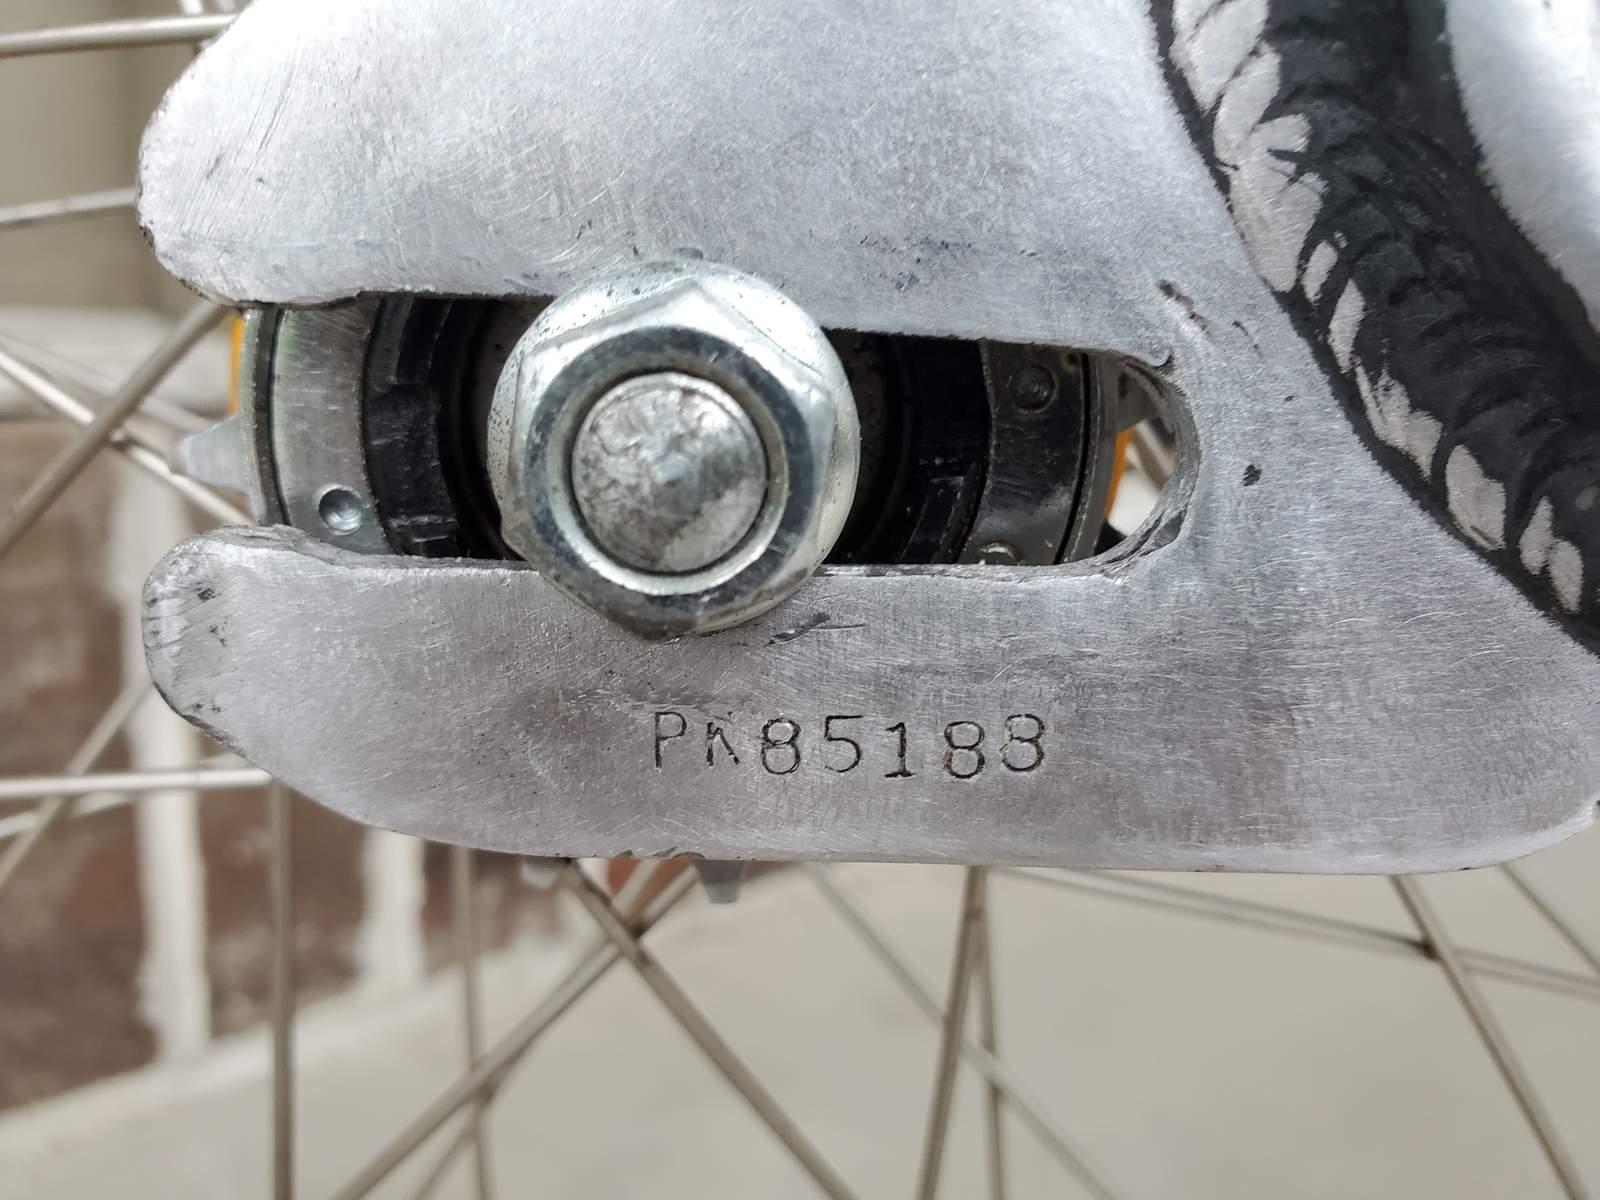 http://uploads.bmxmuseum.com/user-images/91975/20190630_1309495df0076da7.jpg